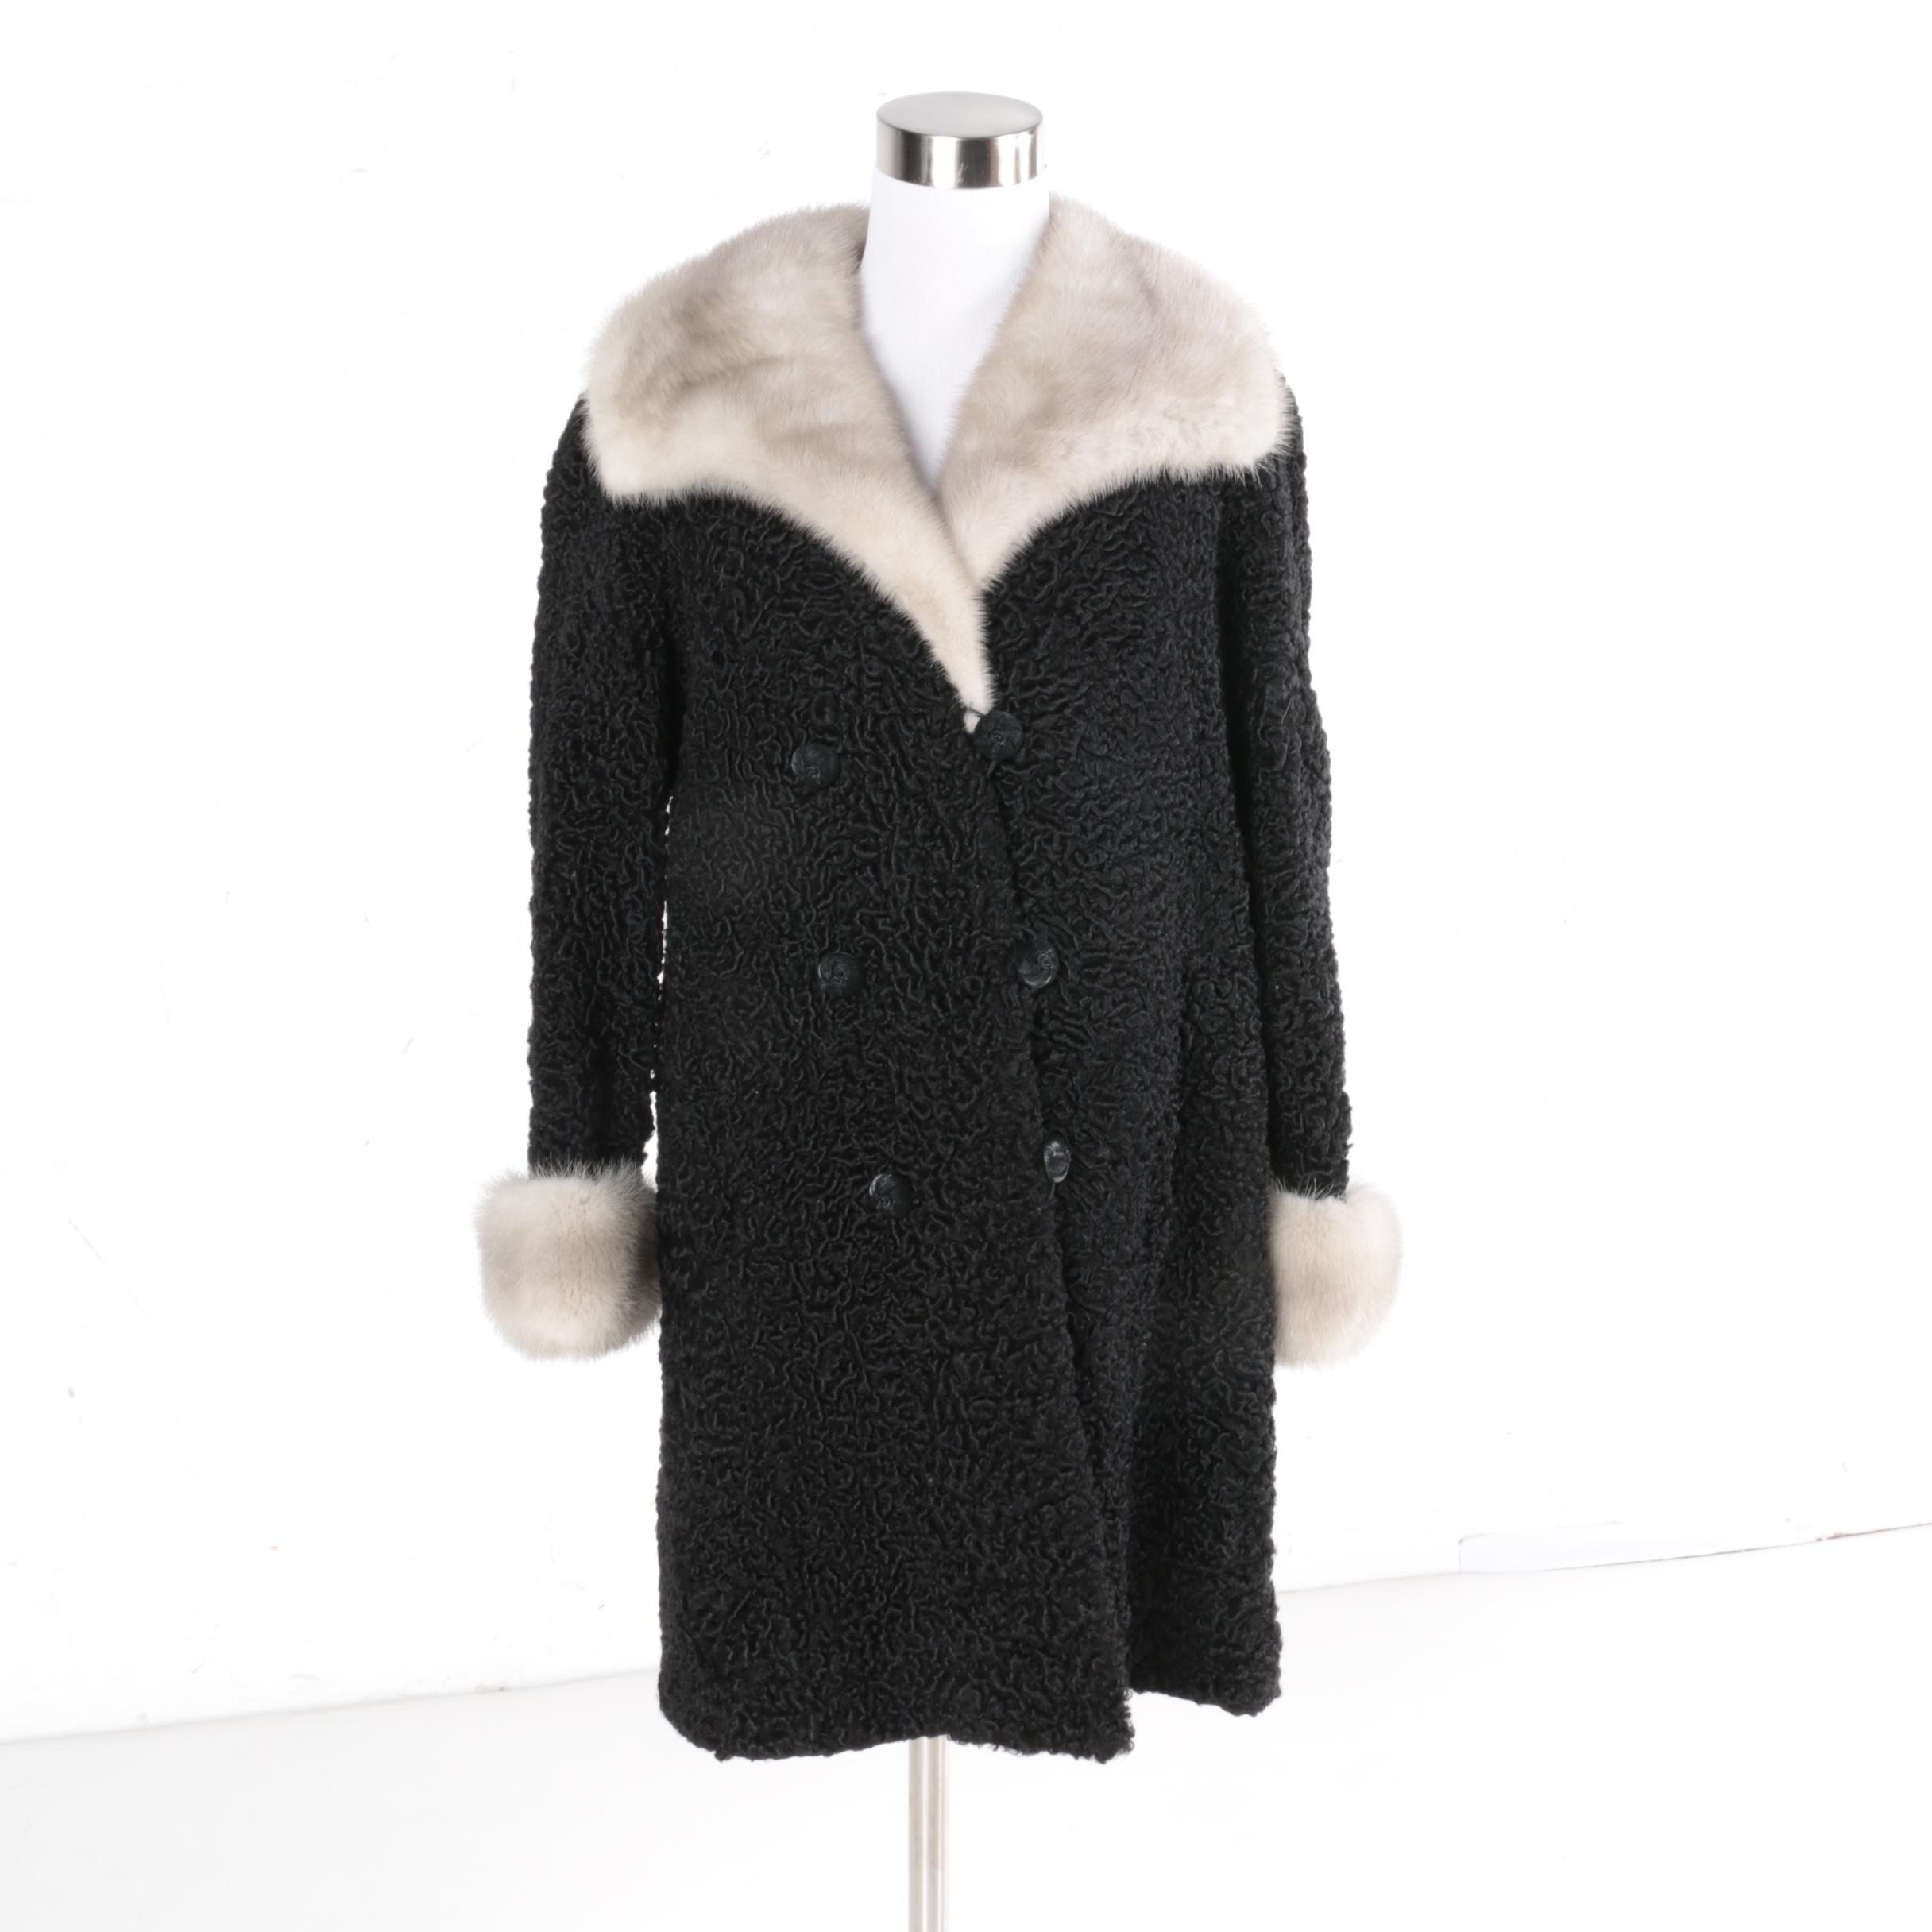 Vintage Swakara Lamb Fur Coat with Mink Fur Trim